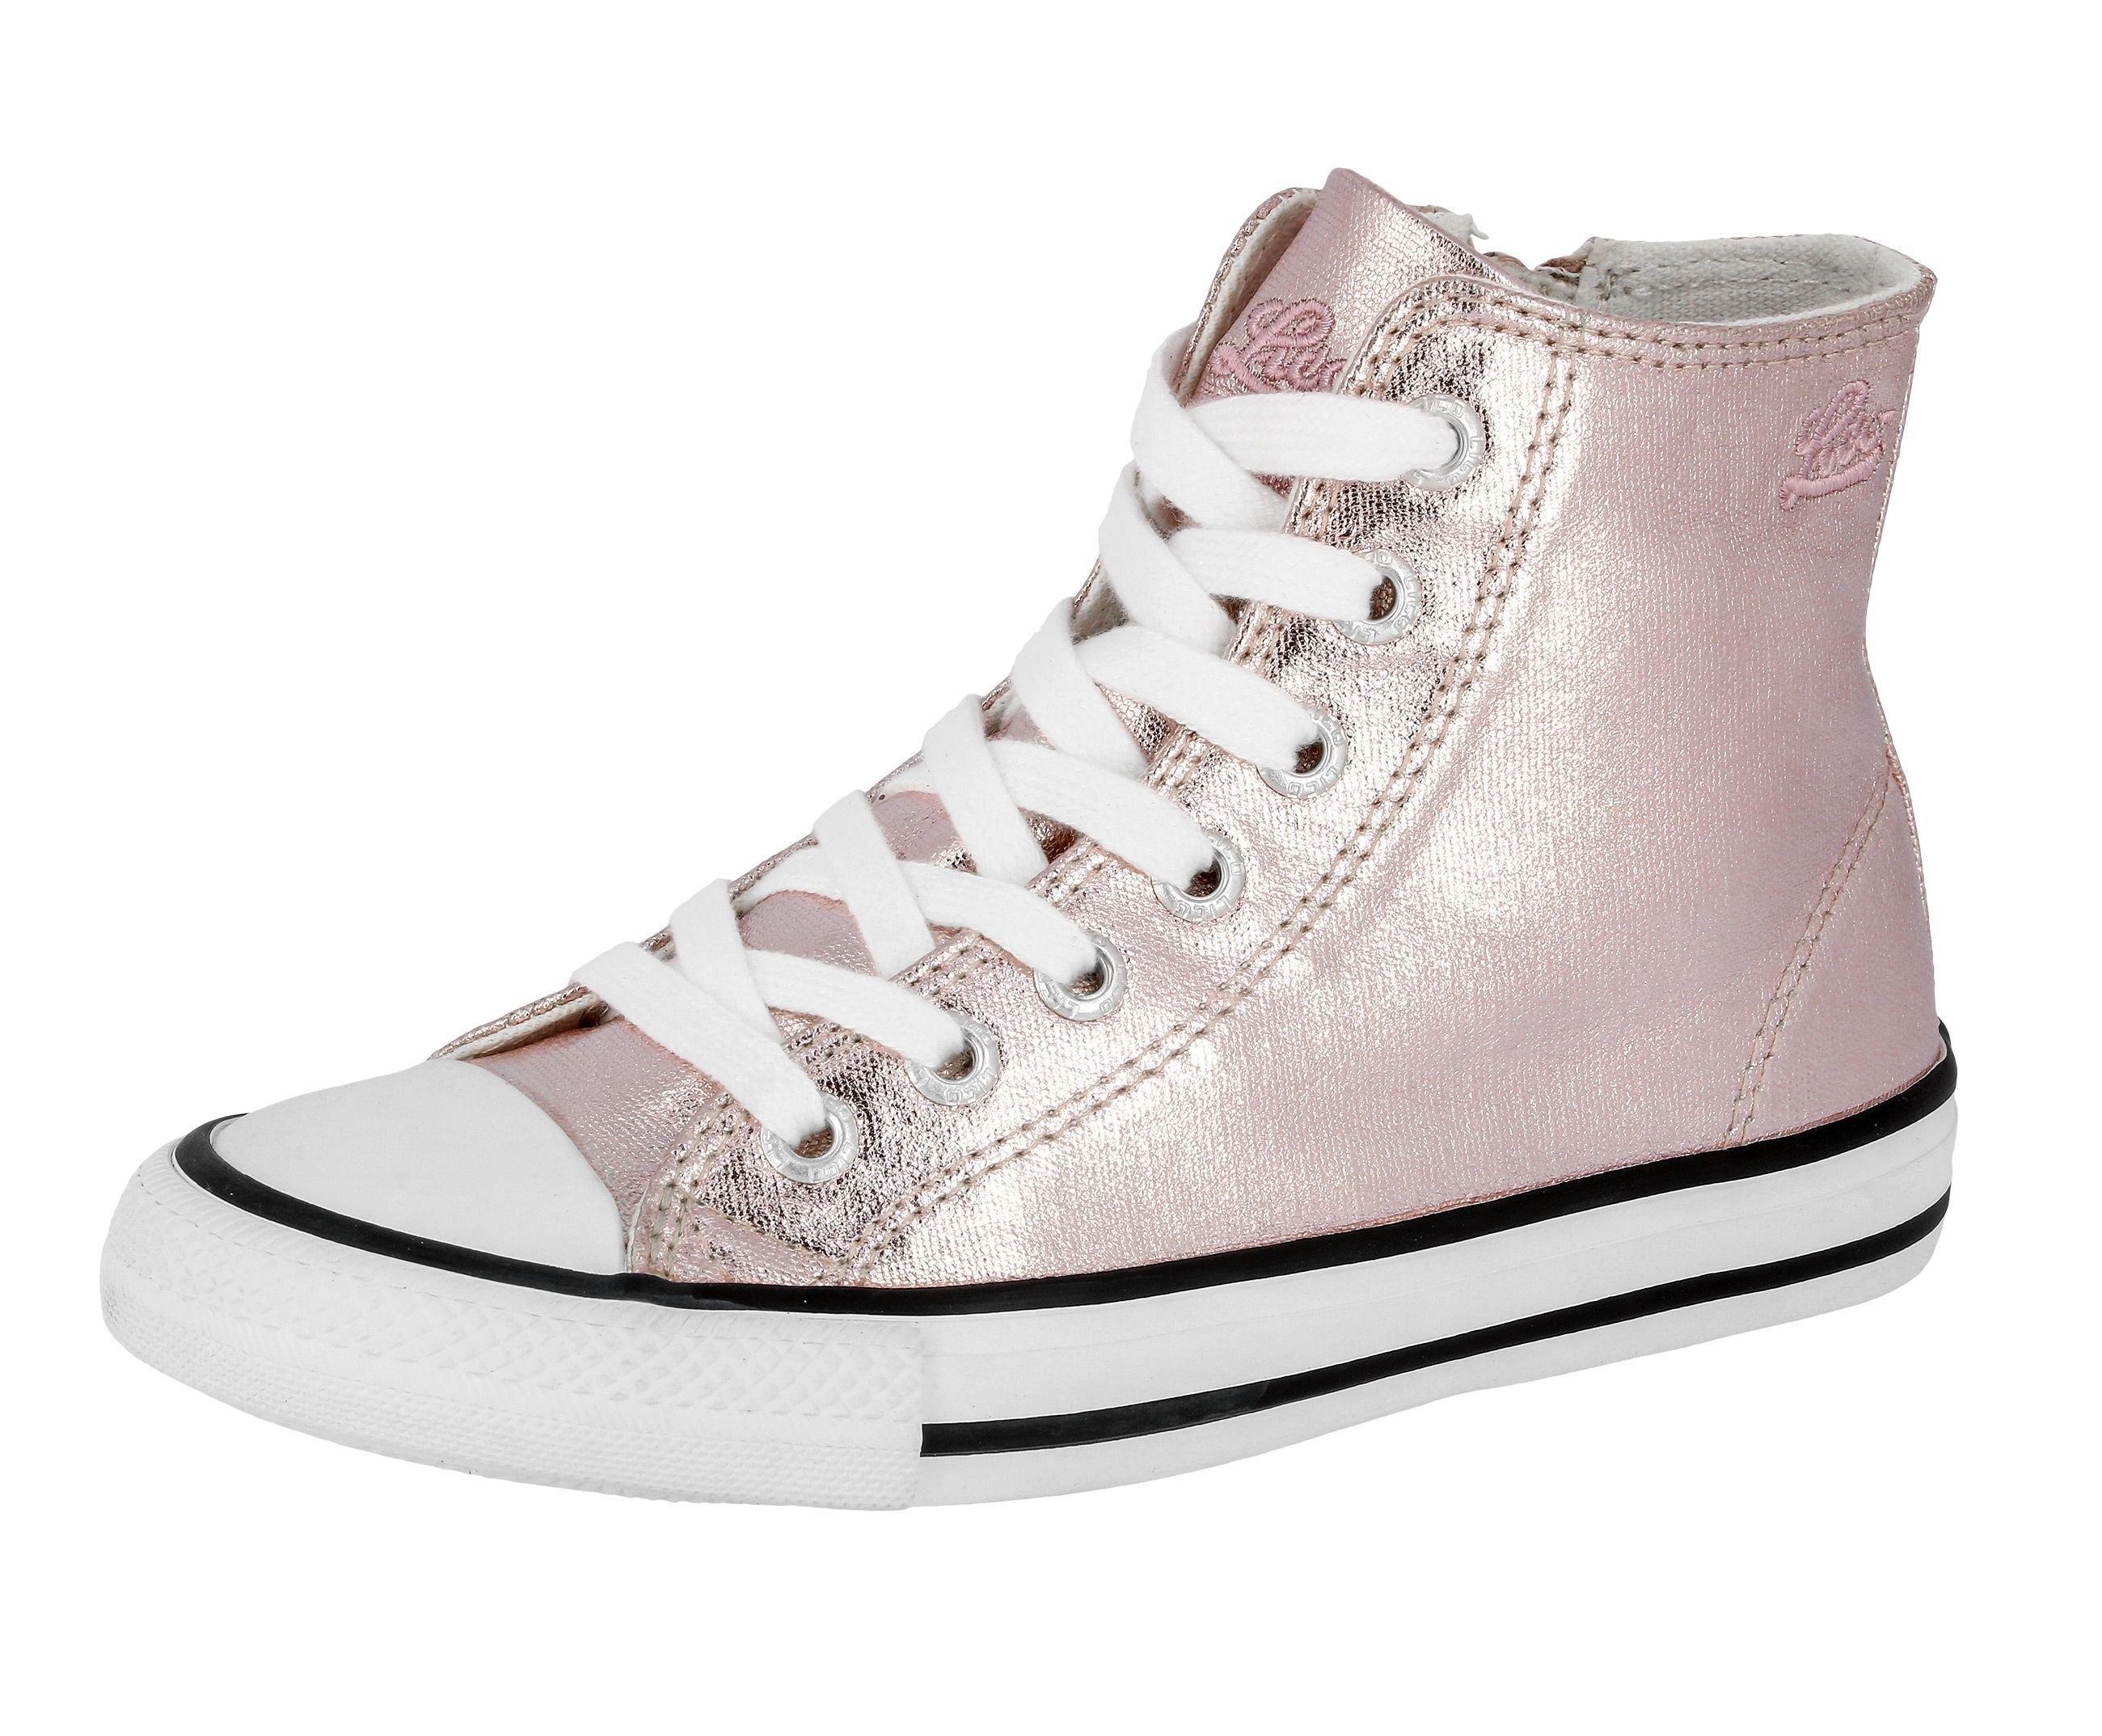 Lico laarzen »Freizeitstiefel Gloss High« bij OTTO online kopen